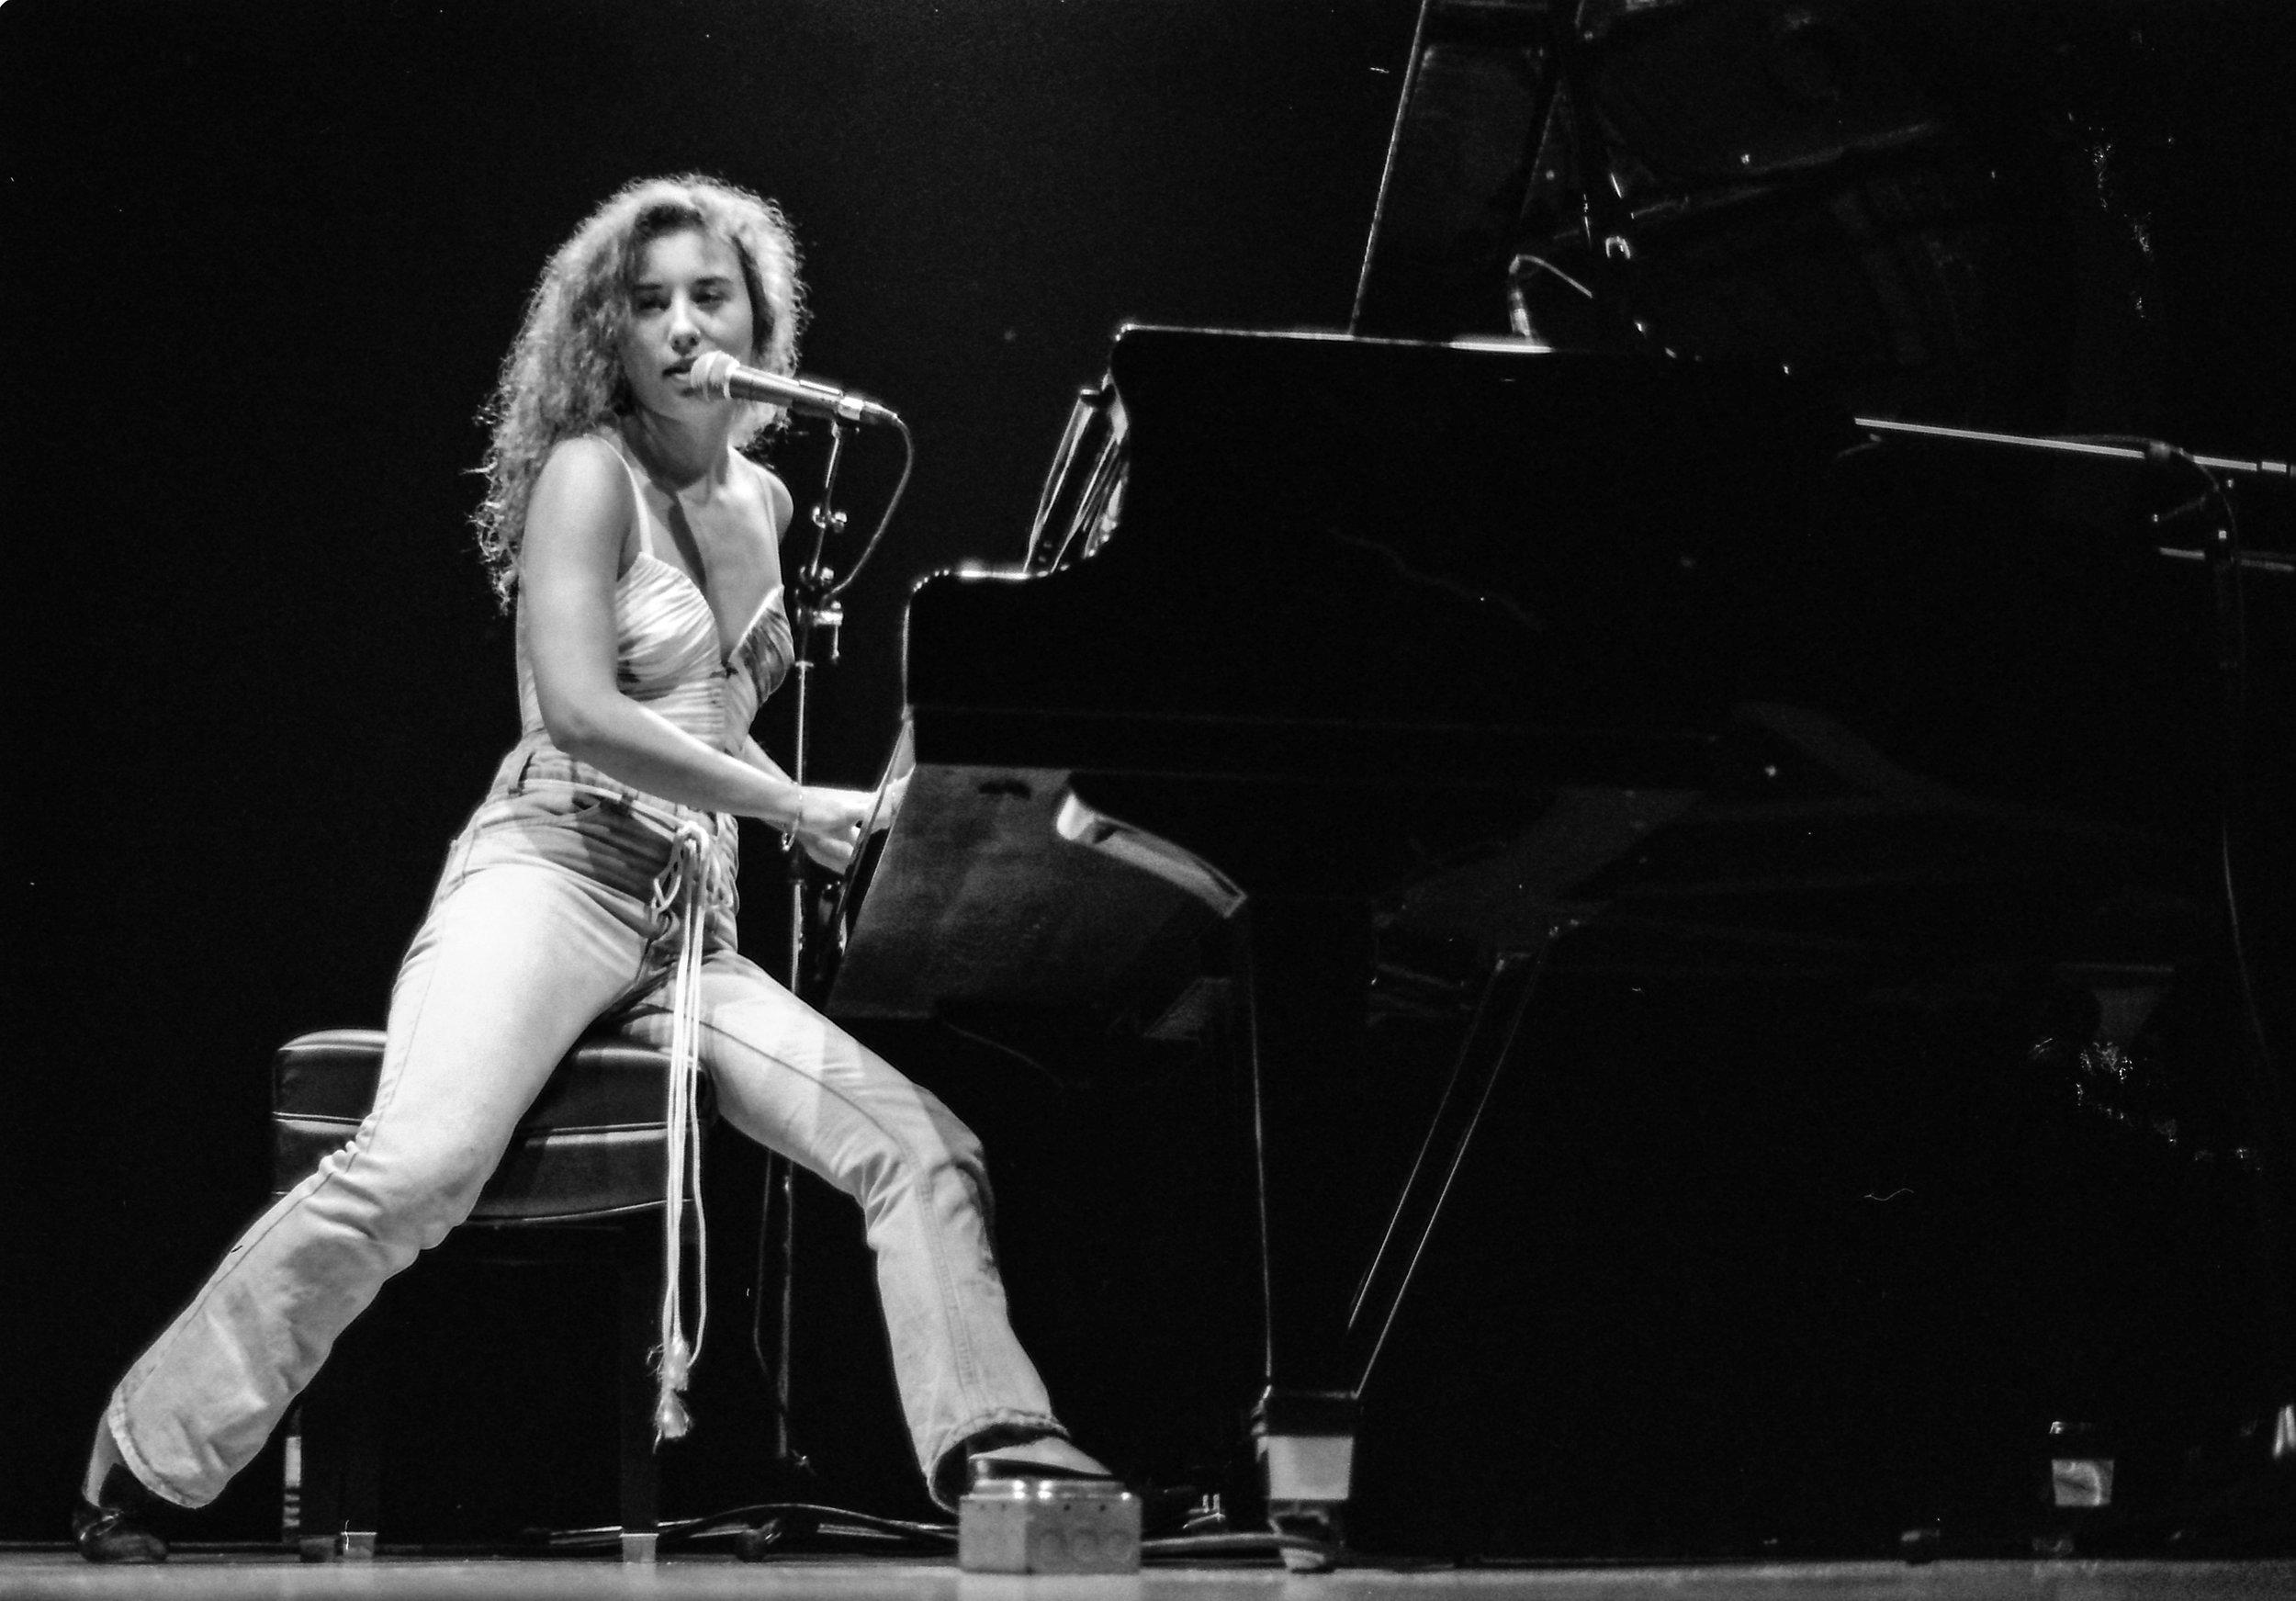 Tori Amos - 1991